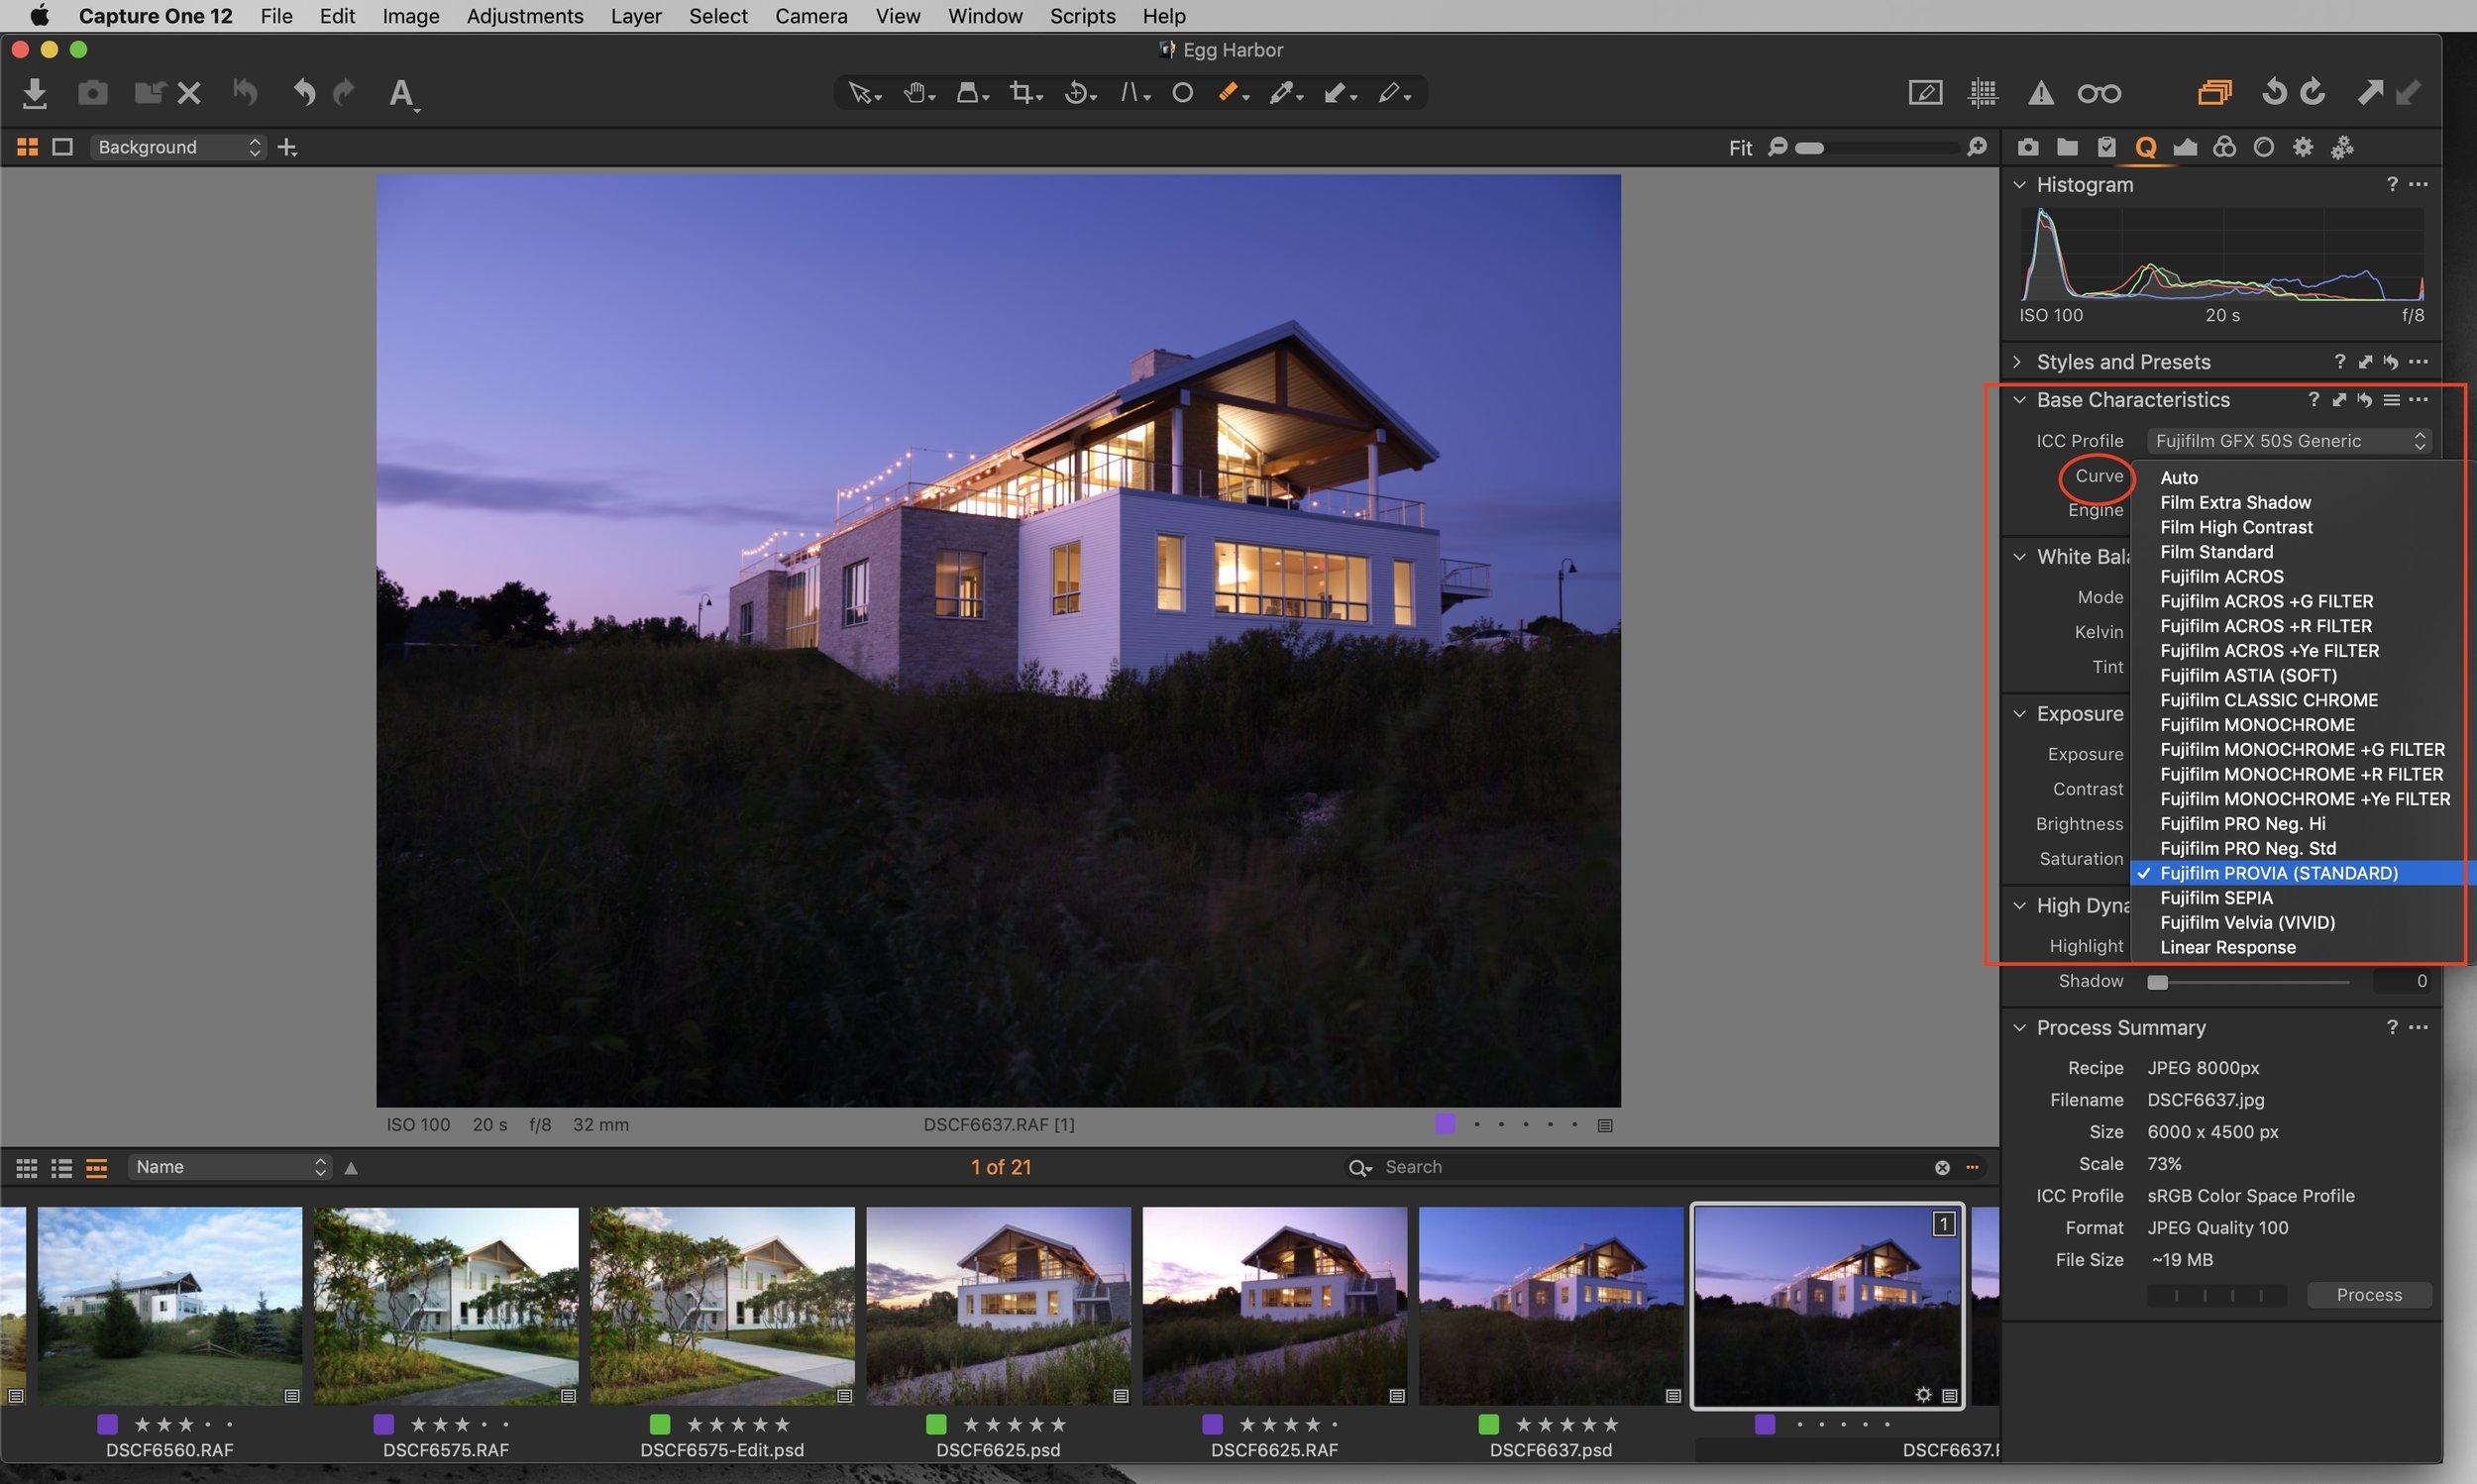 004 C1 ScreenShot.jpg